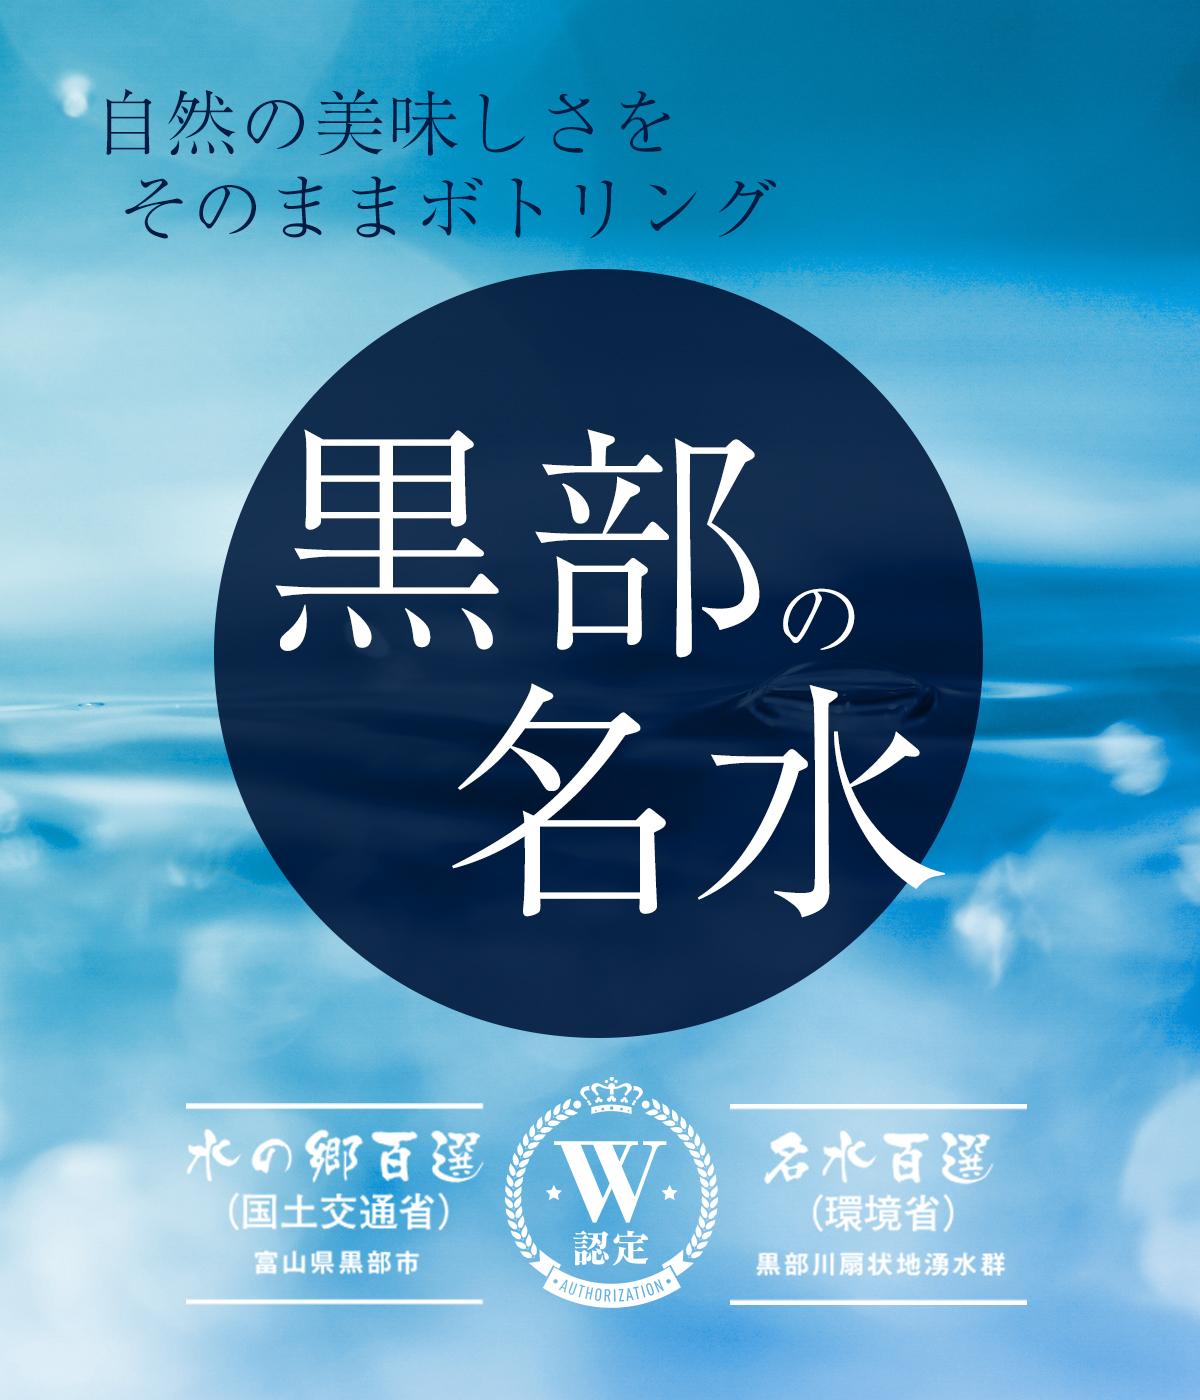 ◆100年以上の歳月をかけて磨かれた「黒部の名水」